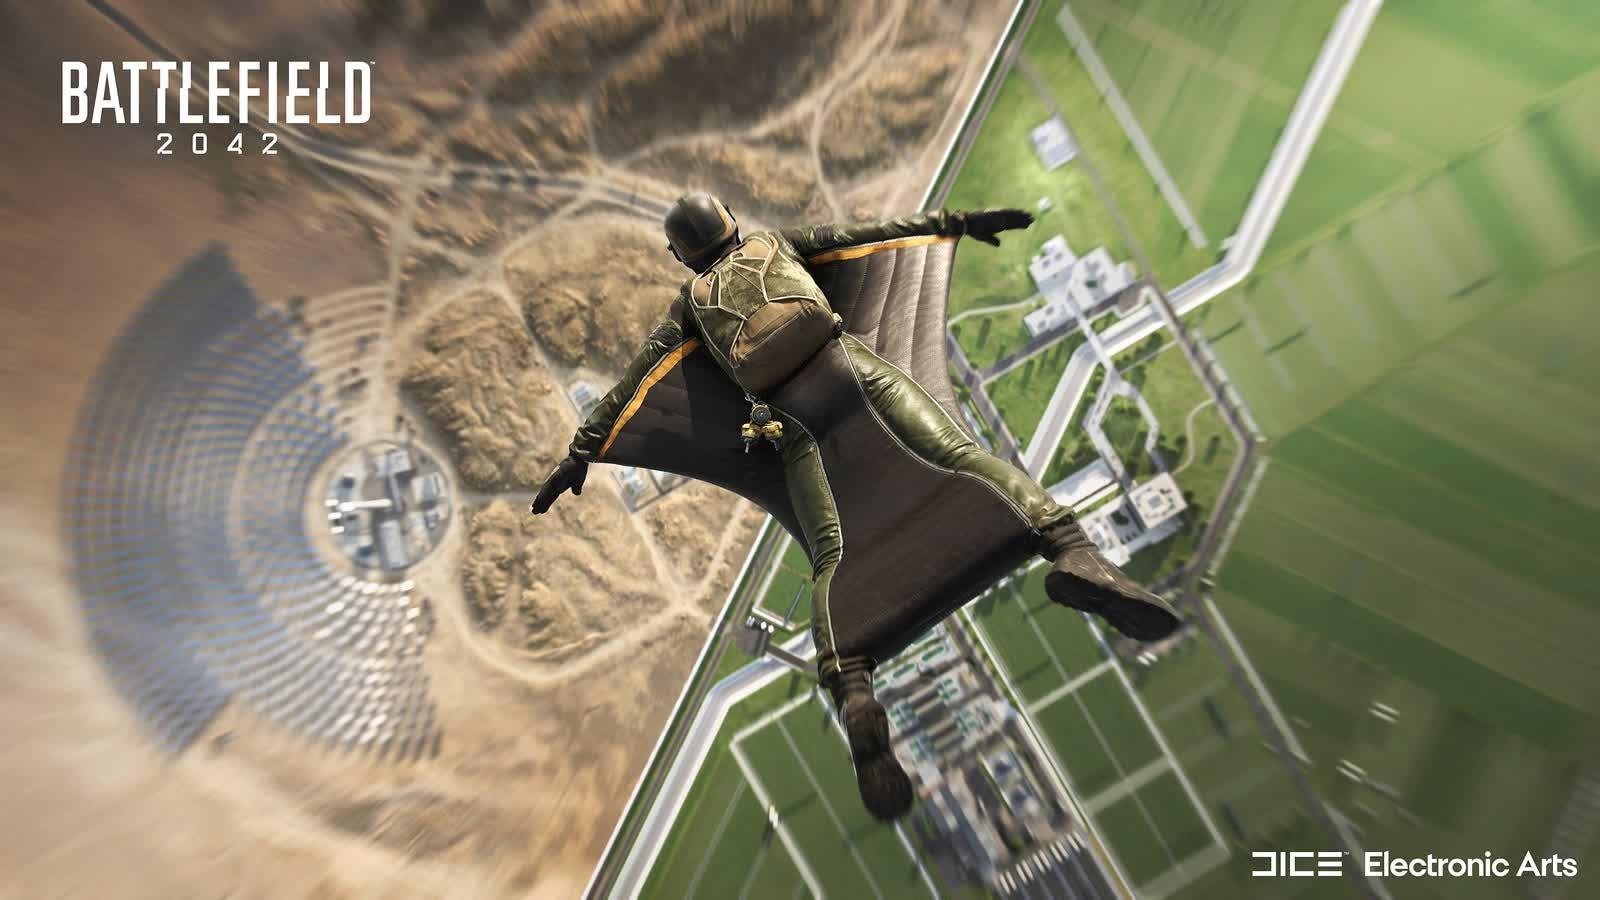 1623255850 513 Battlefield 2042 un jeu de tir multijoueur futuriste avec